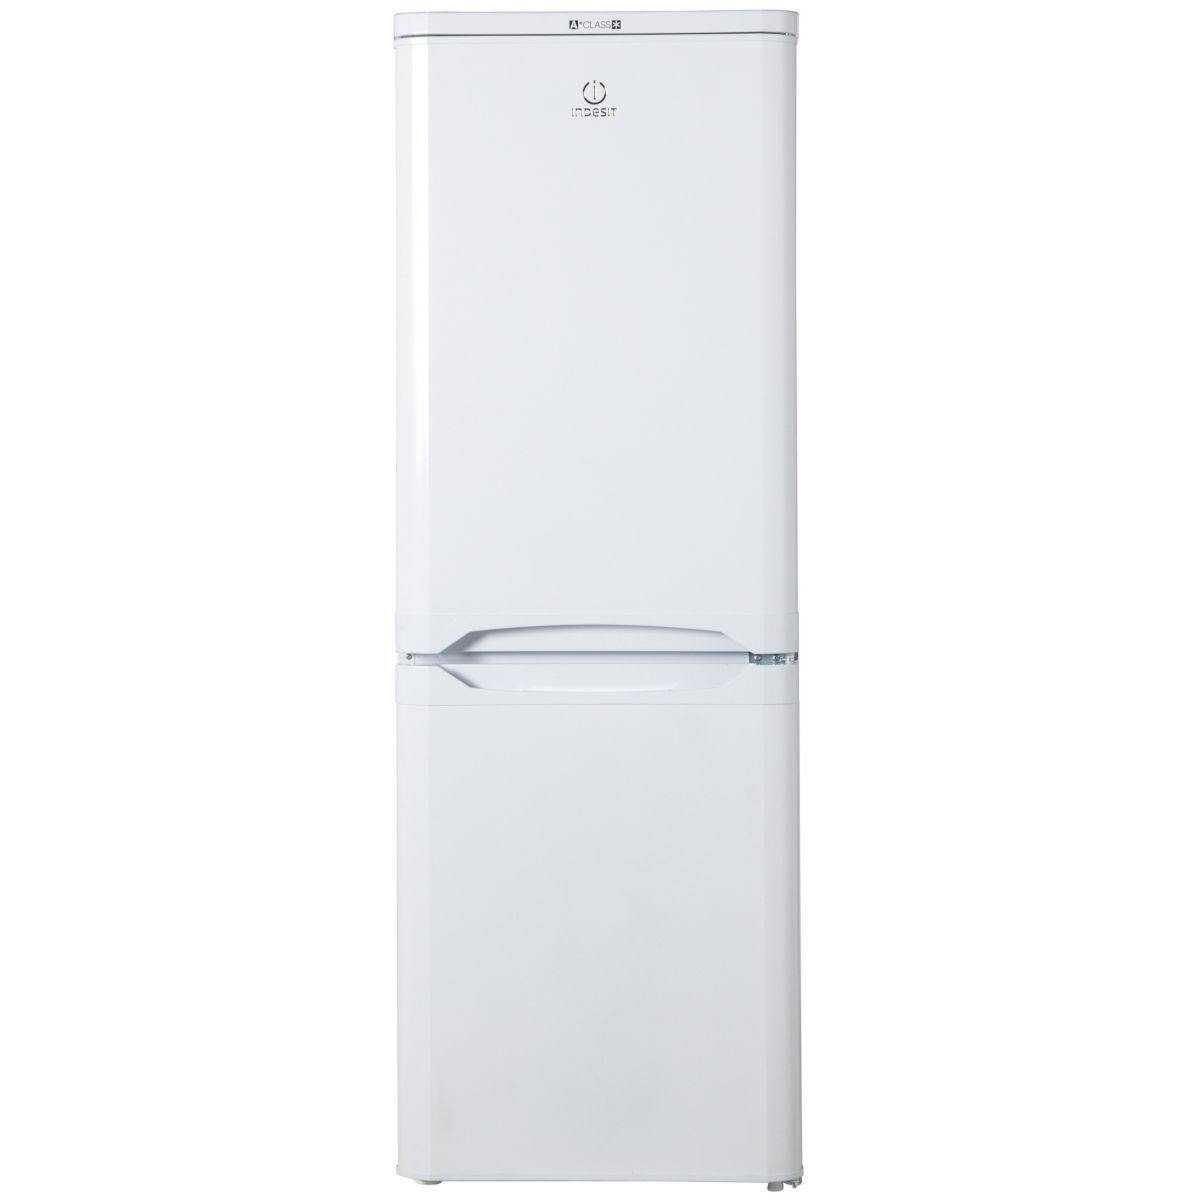 Réfrigérateur congélateur en bas indesit ncaa 55 - 2% de remise : code gam2